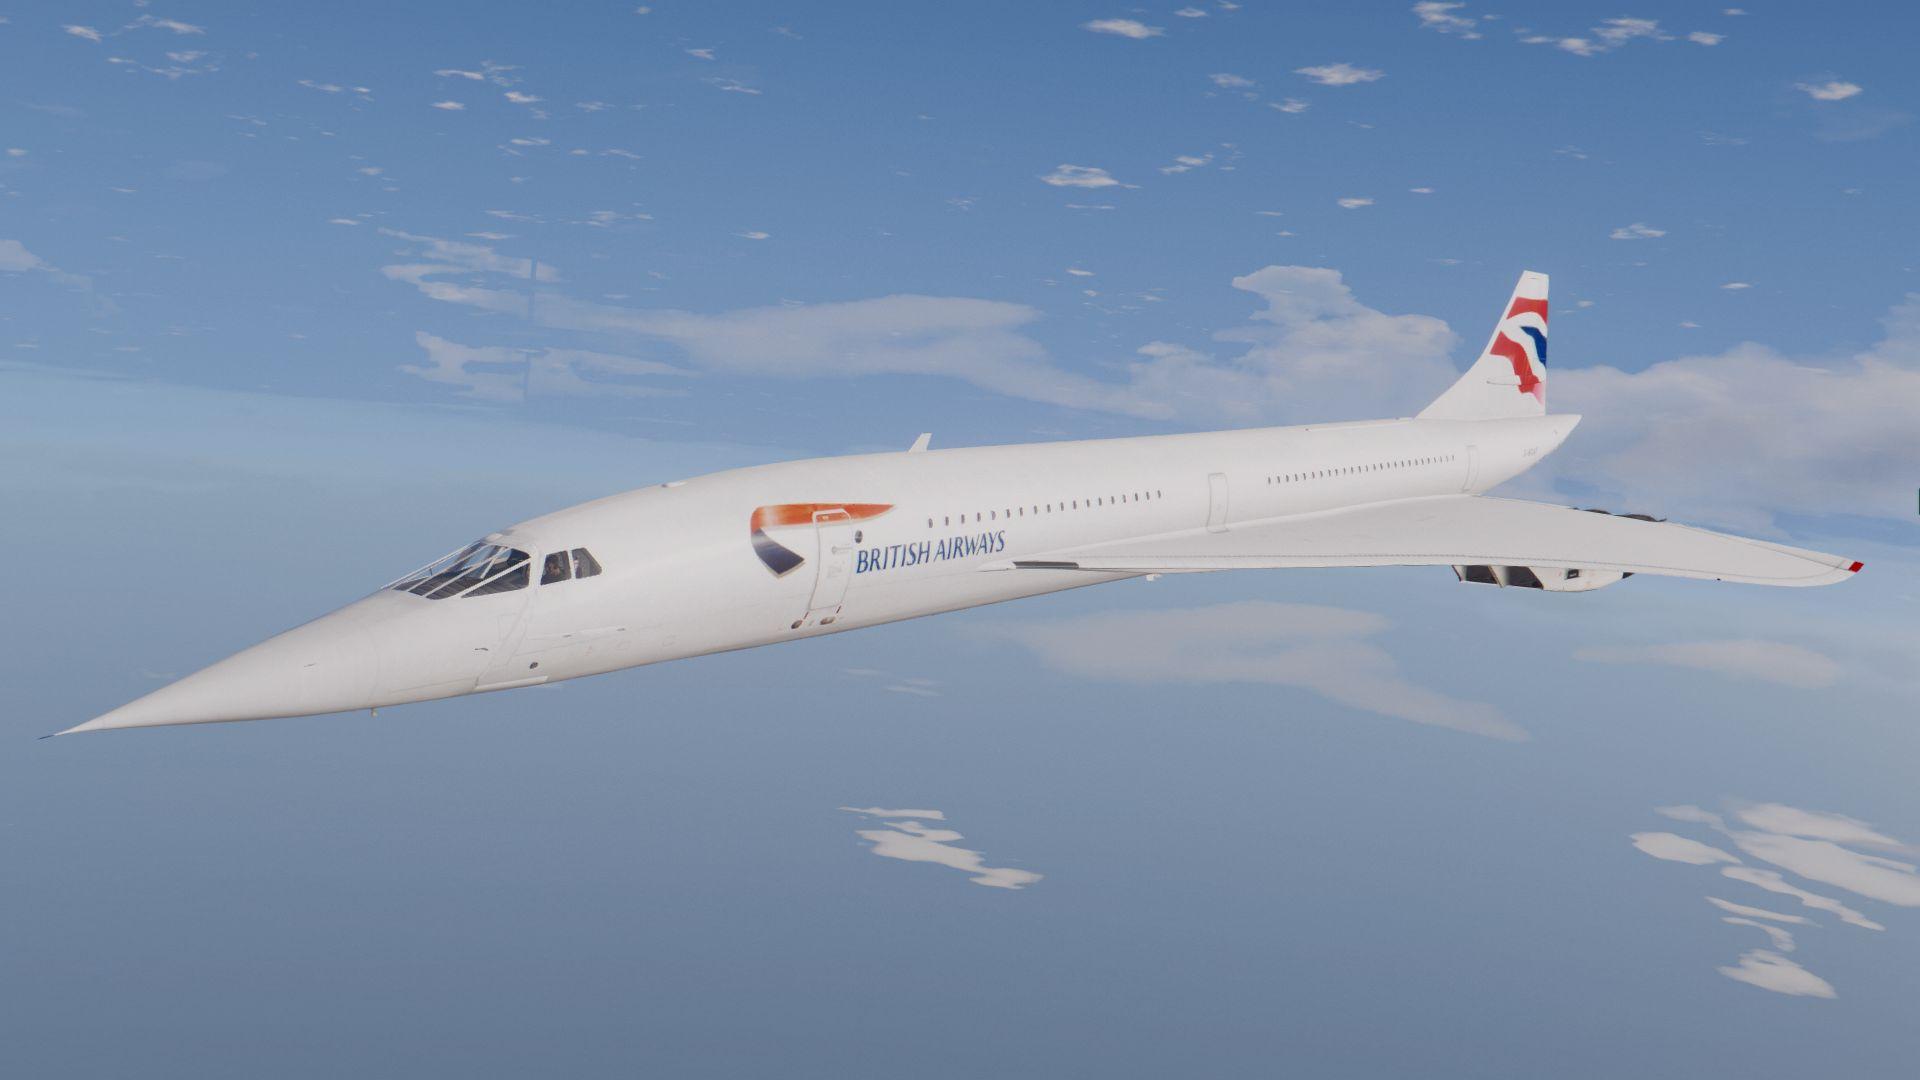 Concorde British Airways HD Wallpaper Background Image 1920x1080